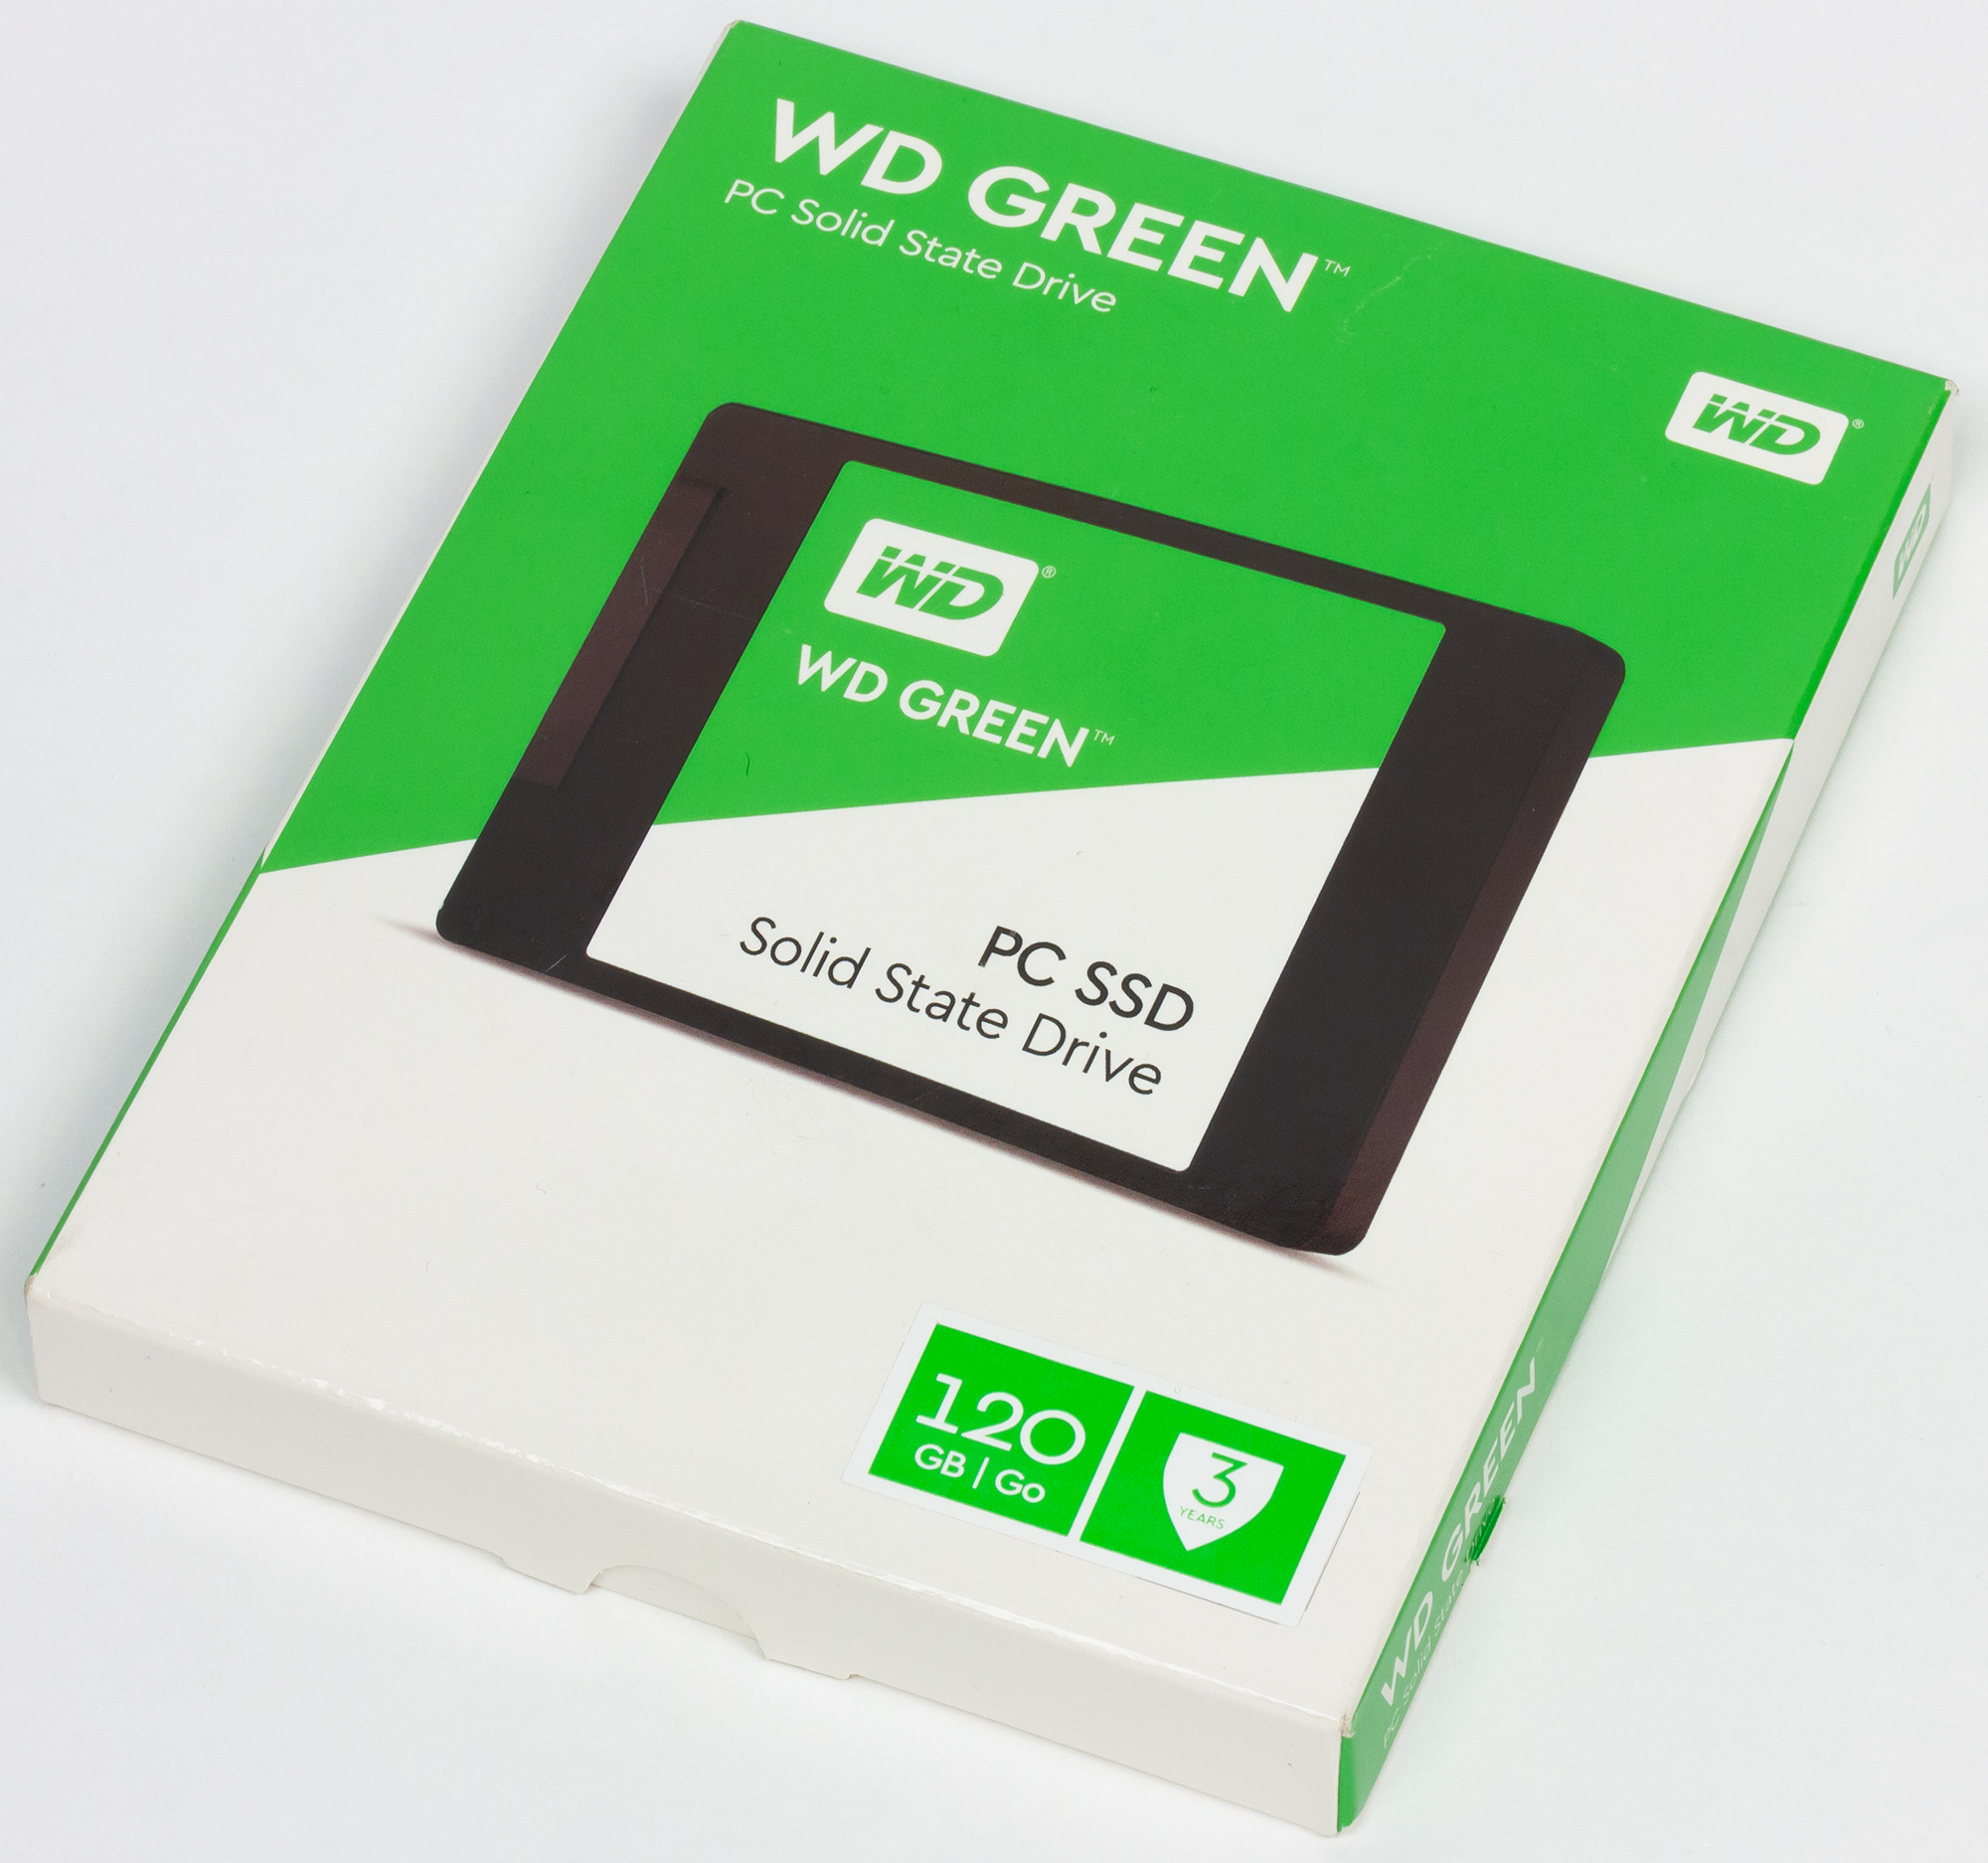 Тестирование 6 бюджетных SSD емкостью 120/128 ГБ: Crucial